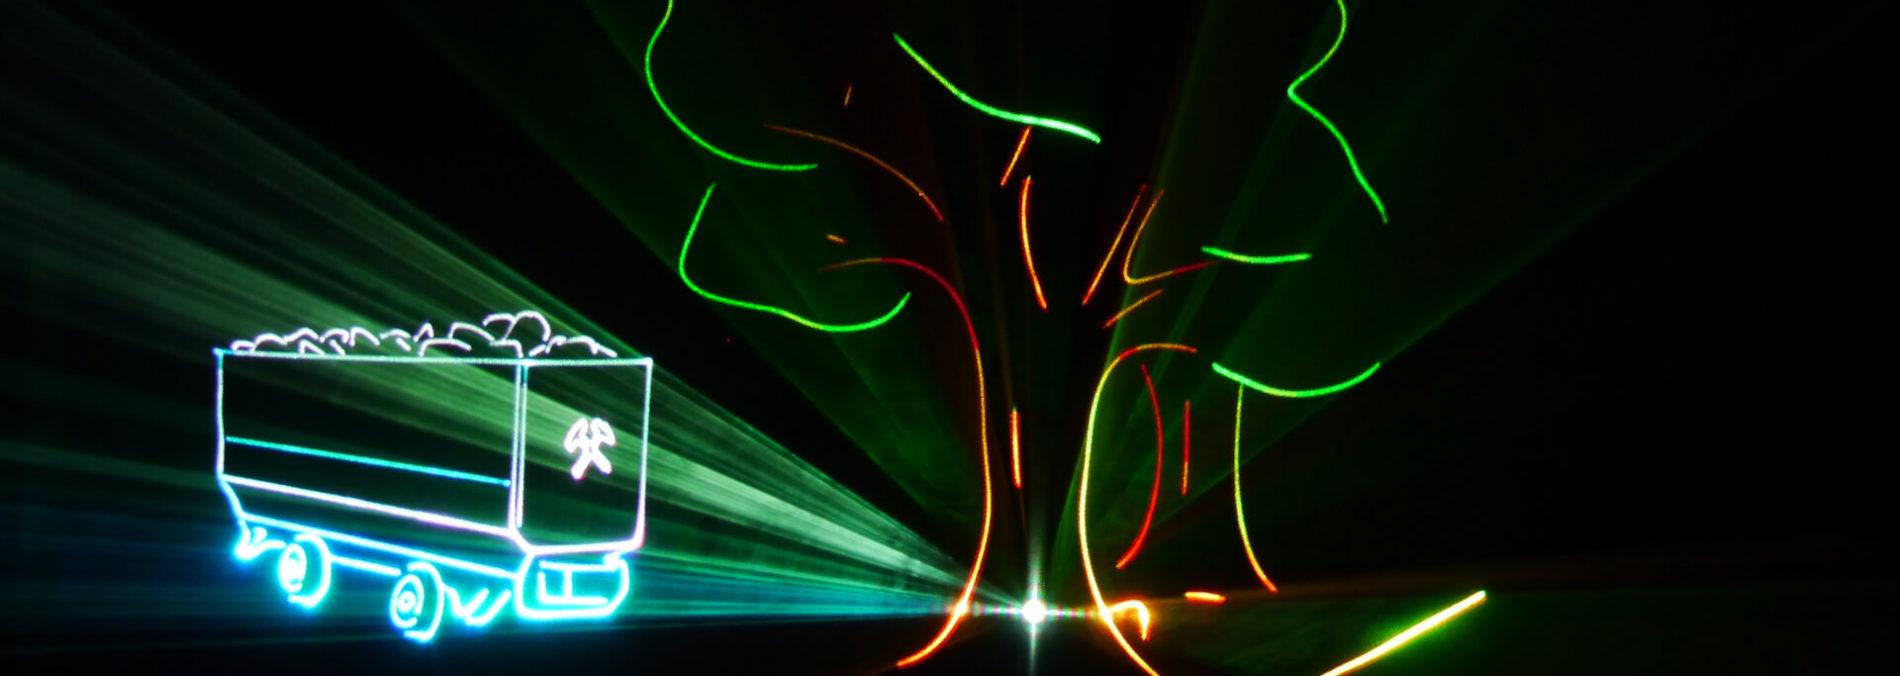 grafik-lasershows